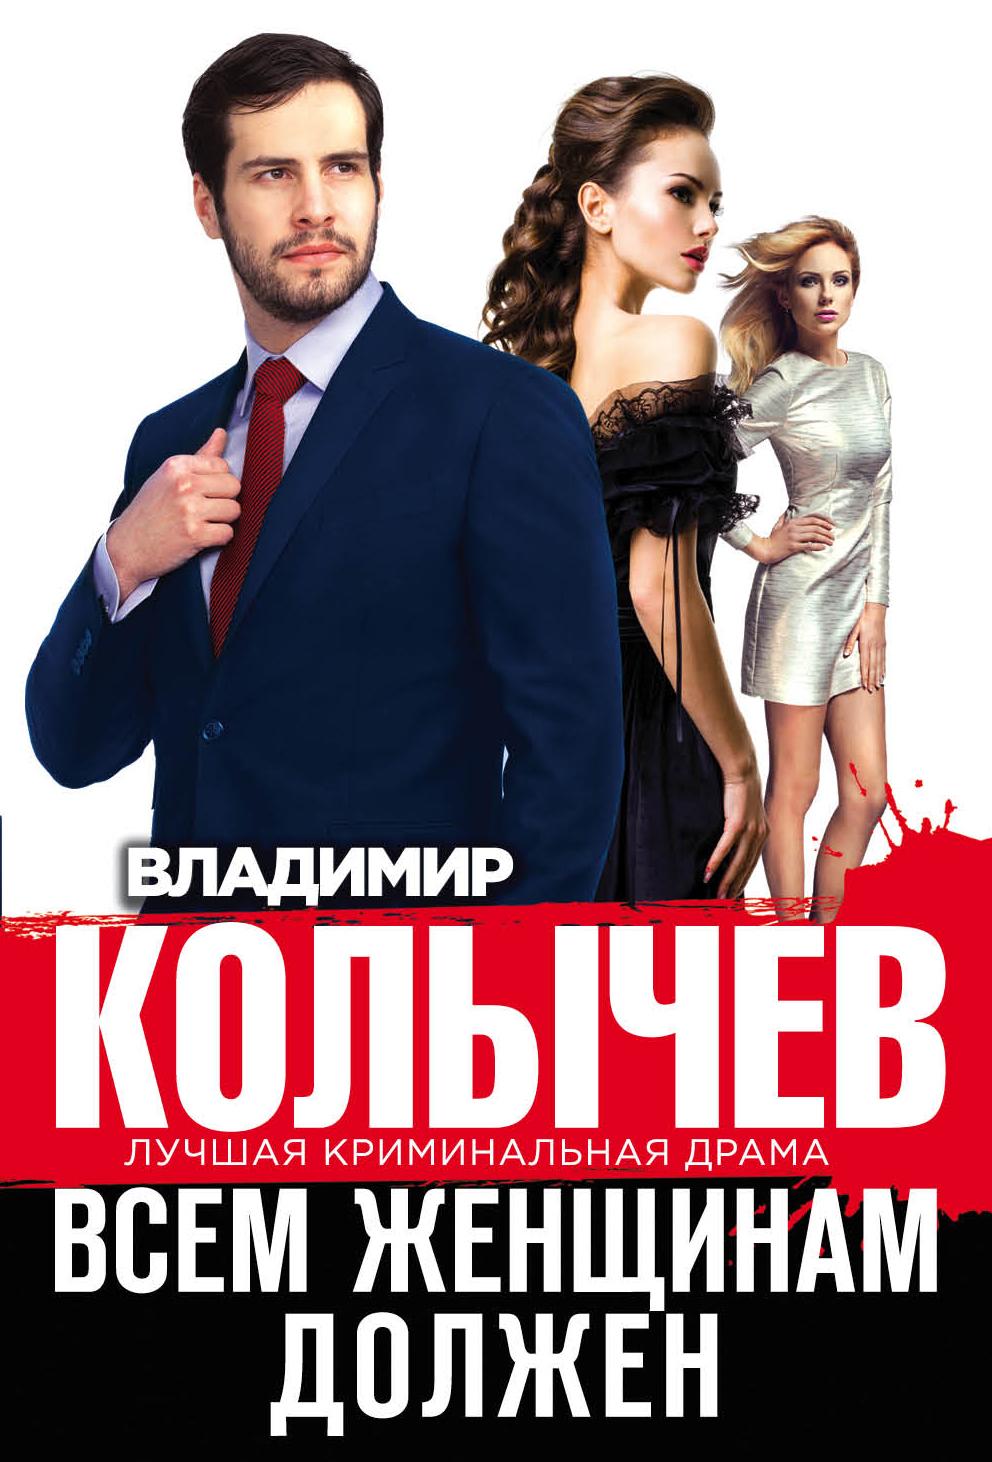 Колычев Владимир Григорьевич Всем женщинам должен колычев владимир григорьевич его считали подкаблучником